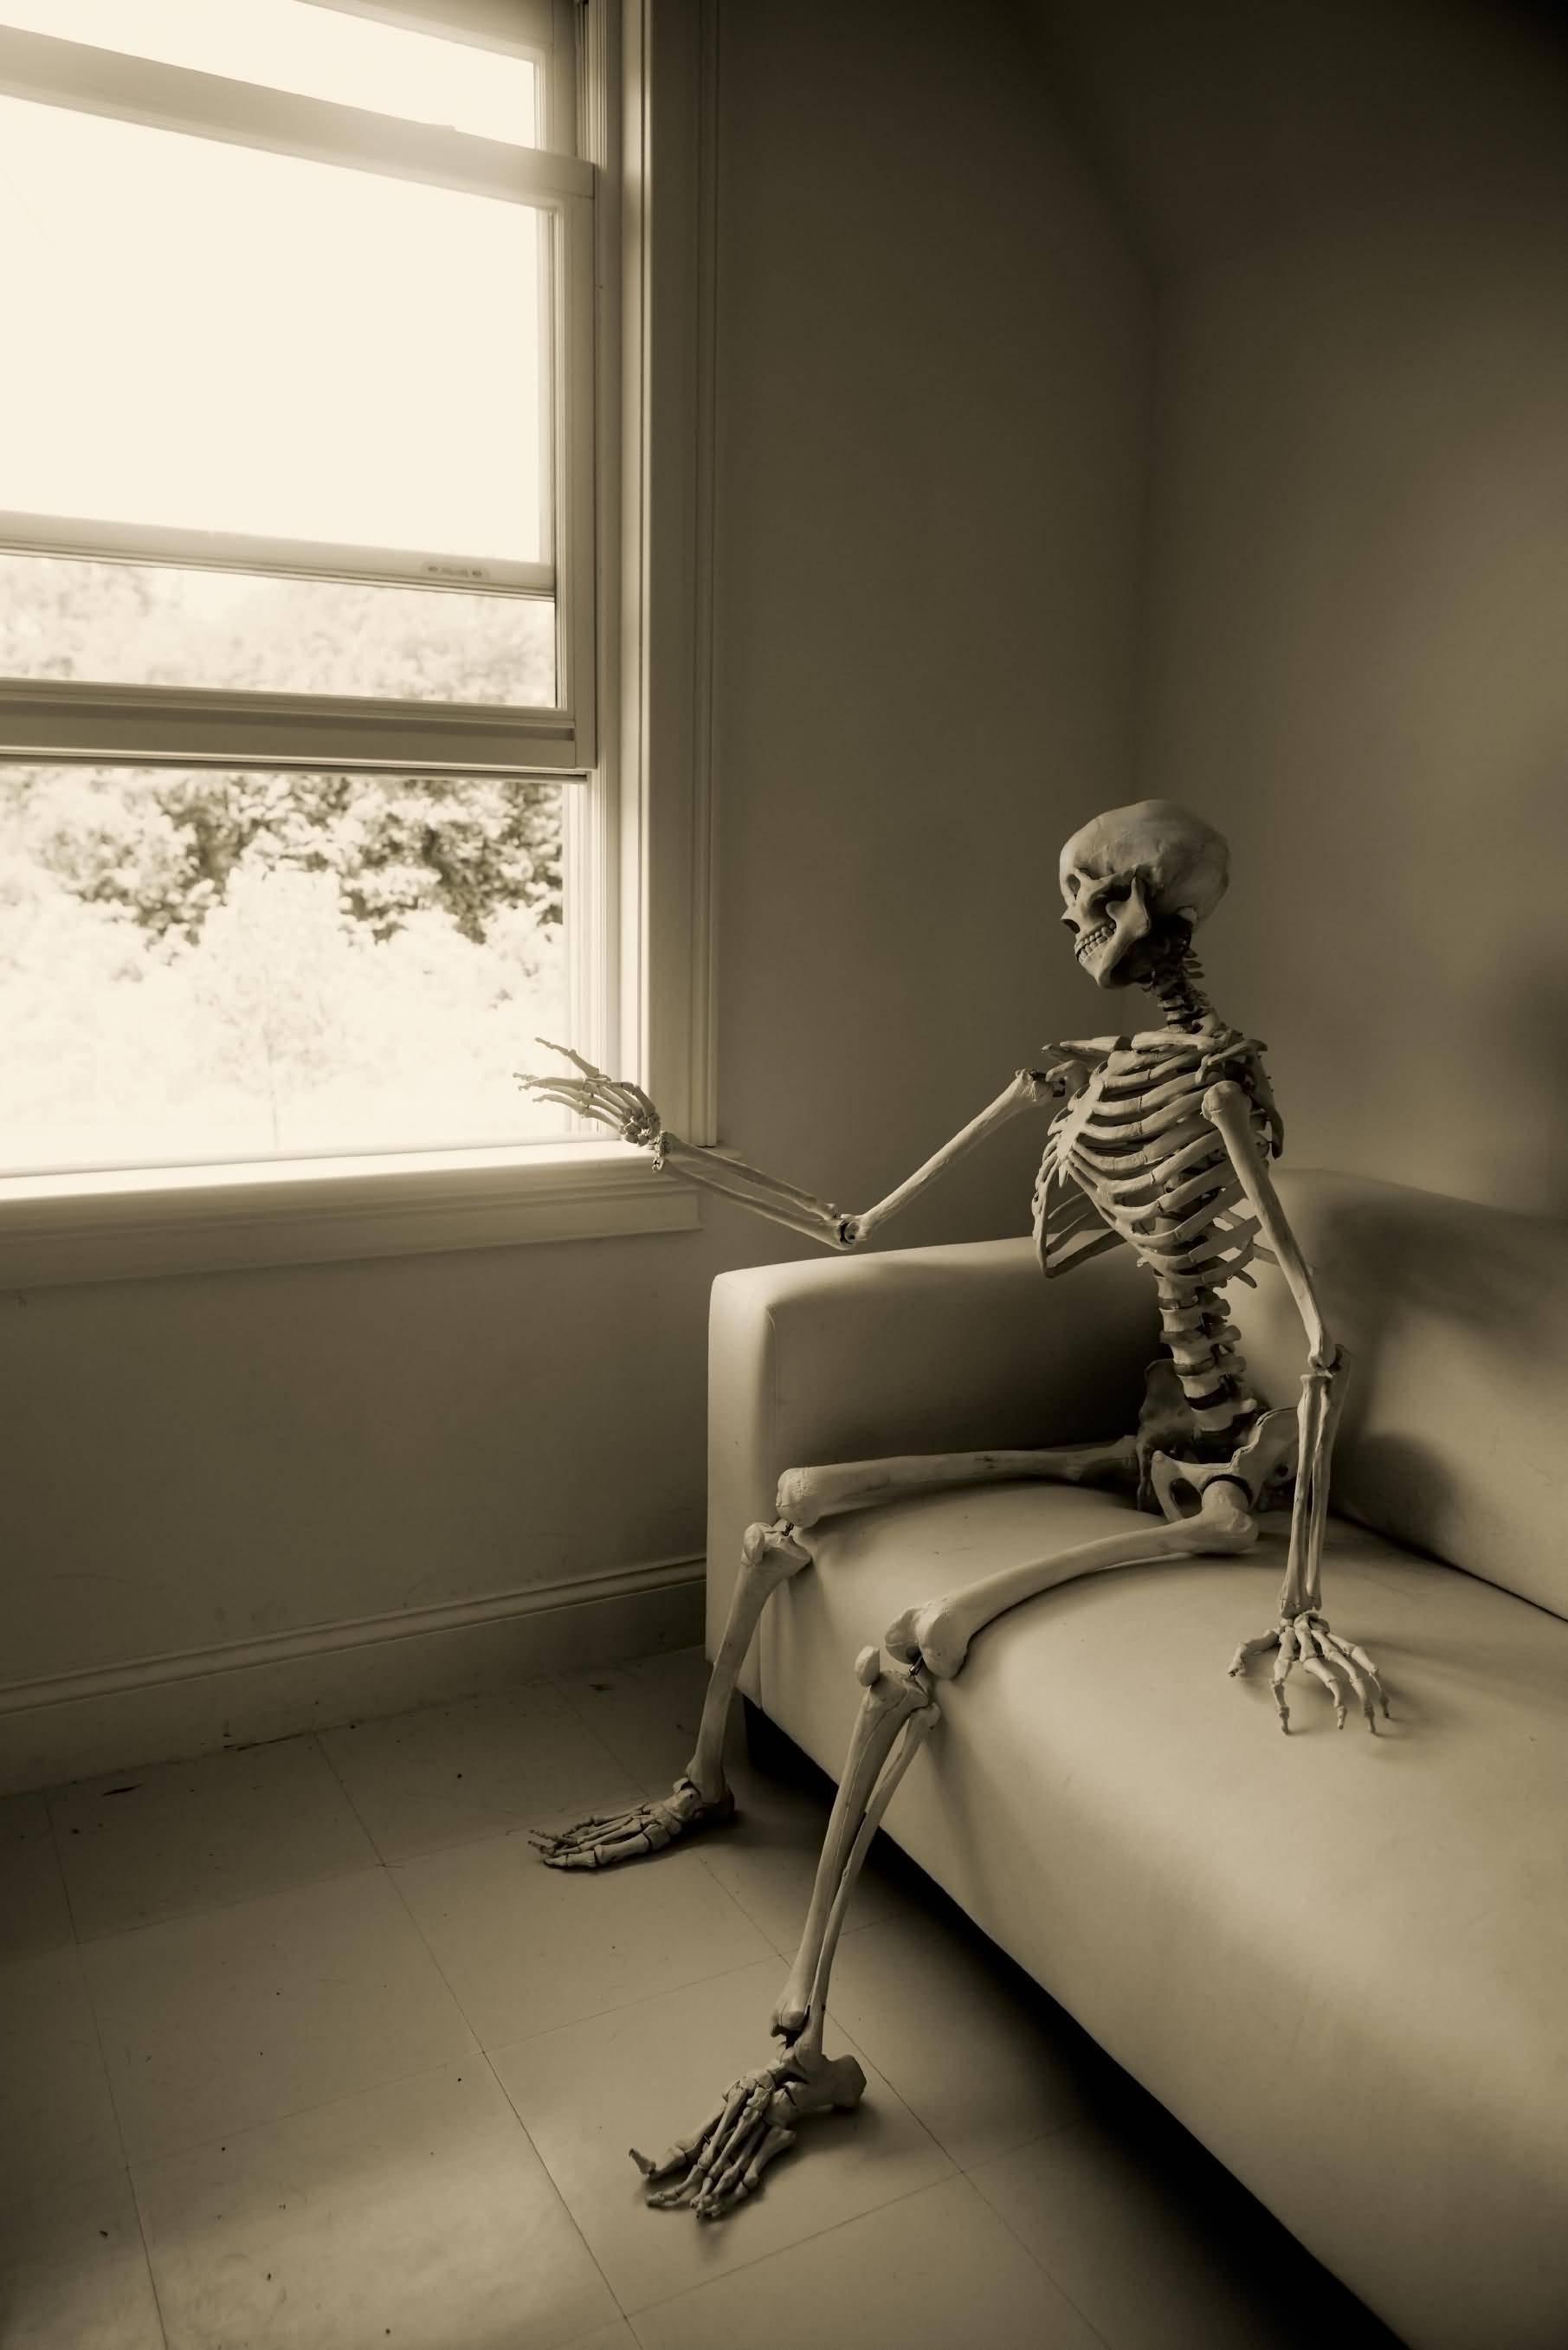 Waiting Skeleton Meme Funny Image Photo Joke 14